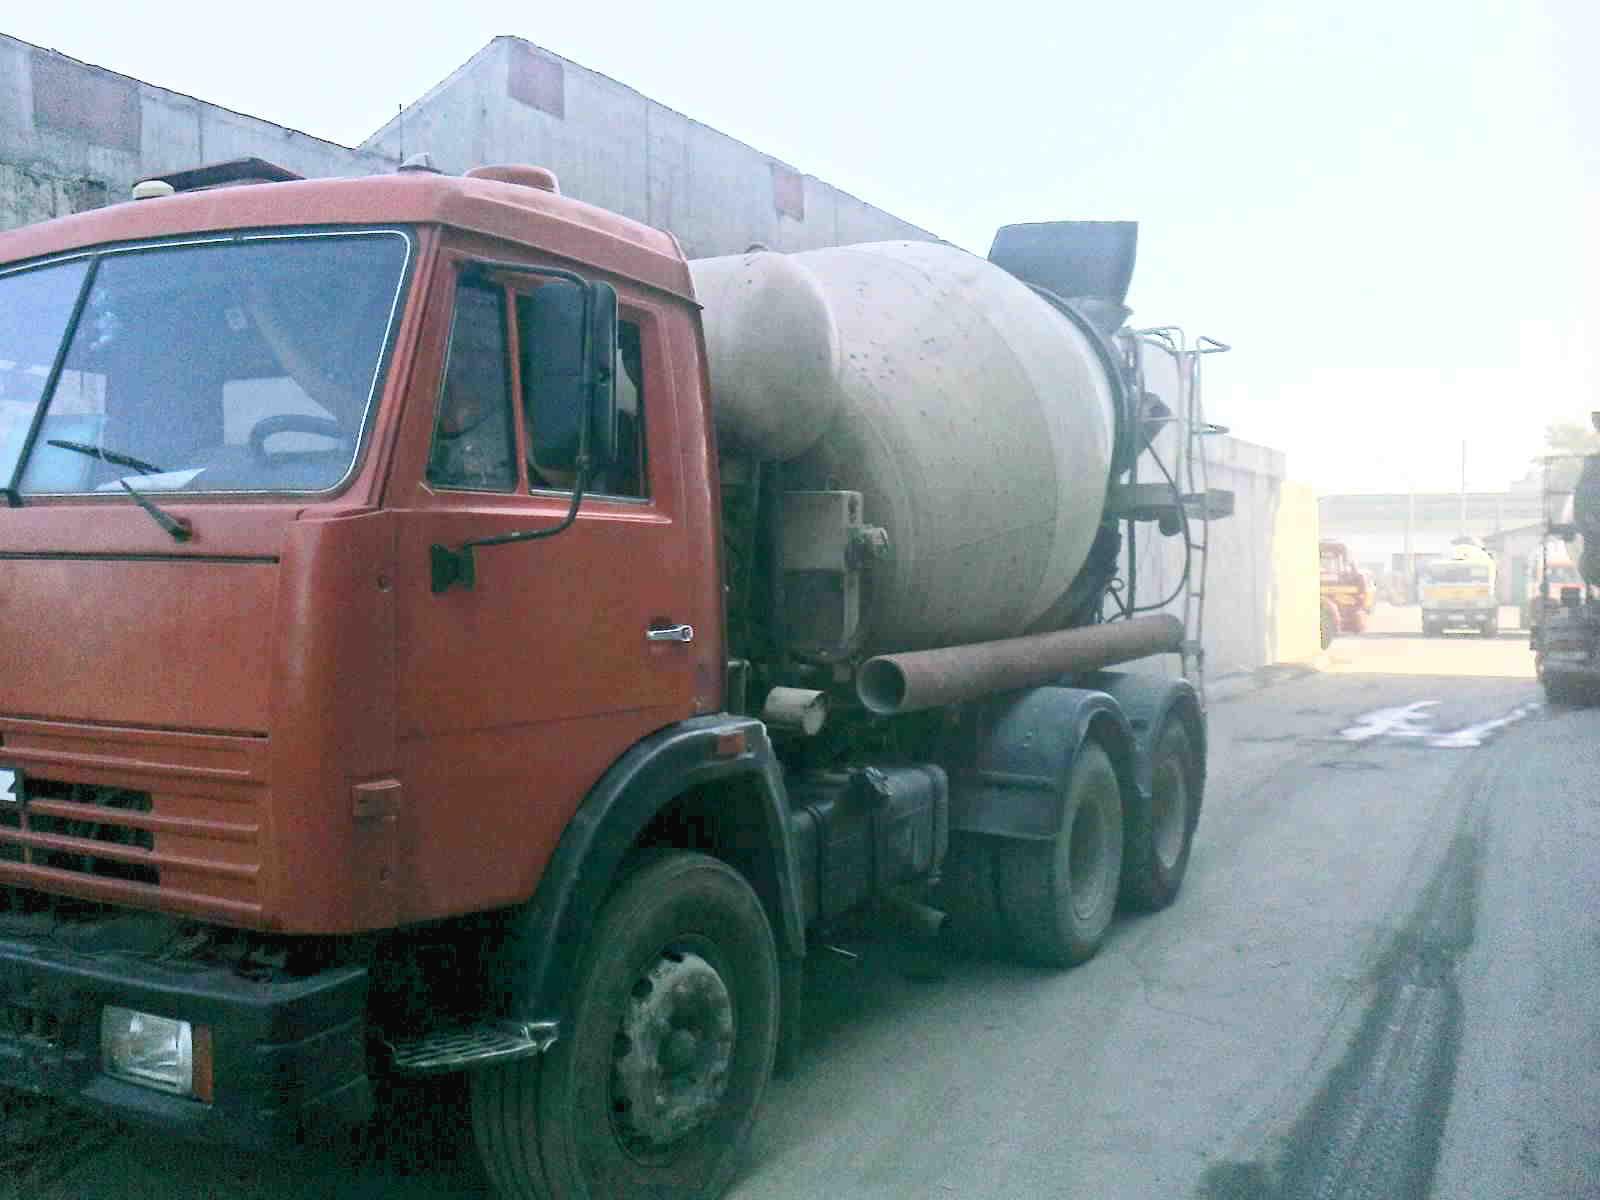 Продам Автобетонозмішувач АБС 6 ДА Тігарбо на базі КАМАЗ 53229, зображення 1